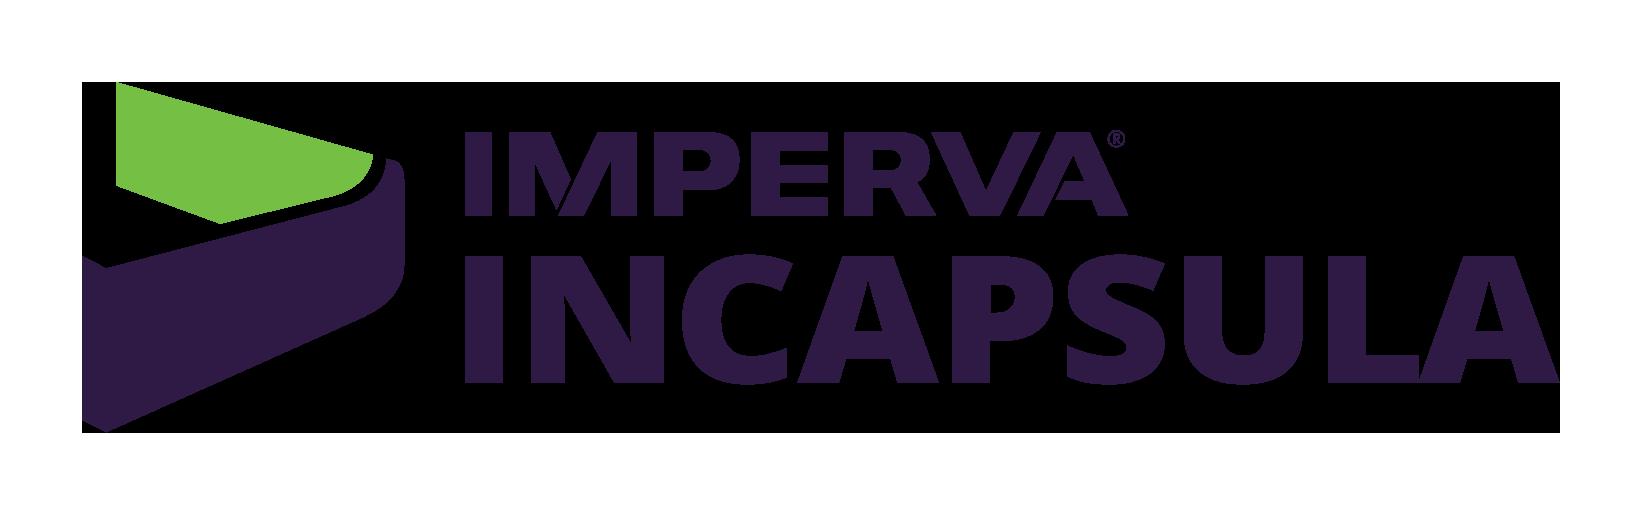 Incapsula logo.png